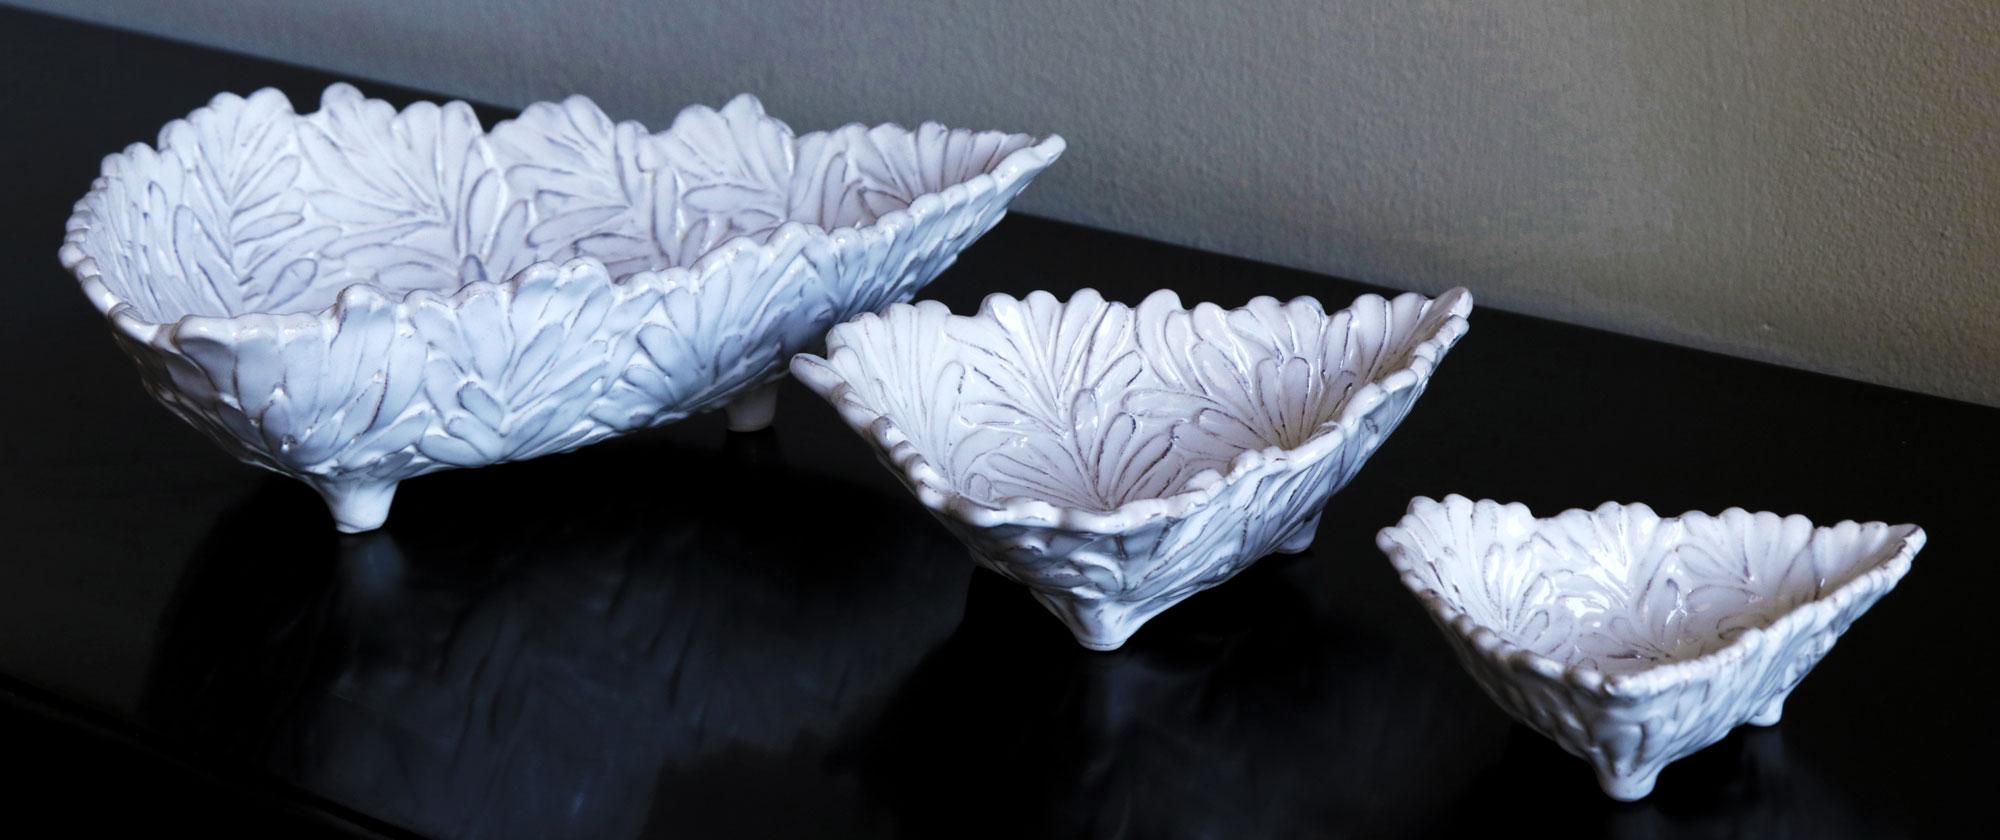 Virginia Casa Ceramiche Prezzi.Virginia Casa Linea Natale